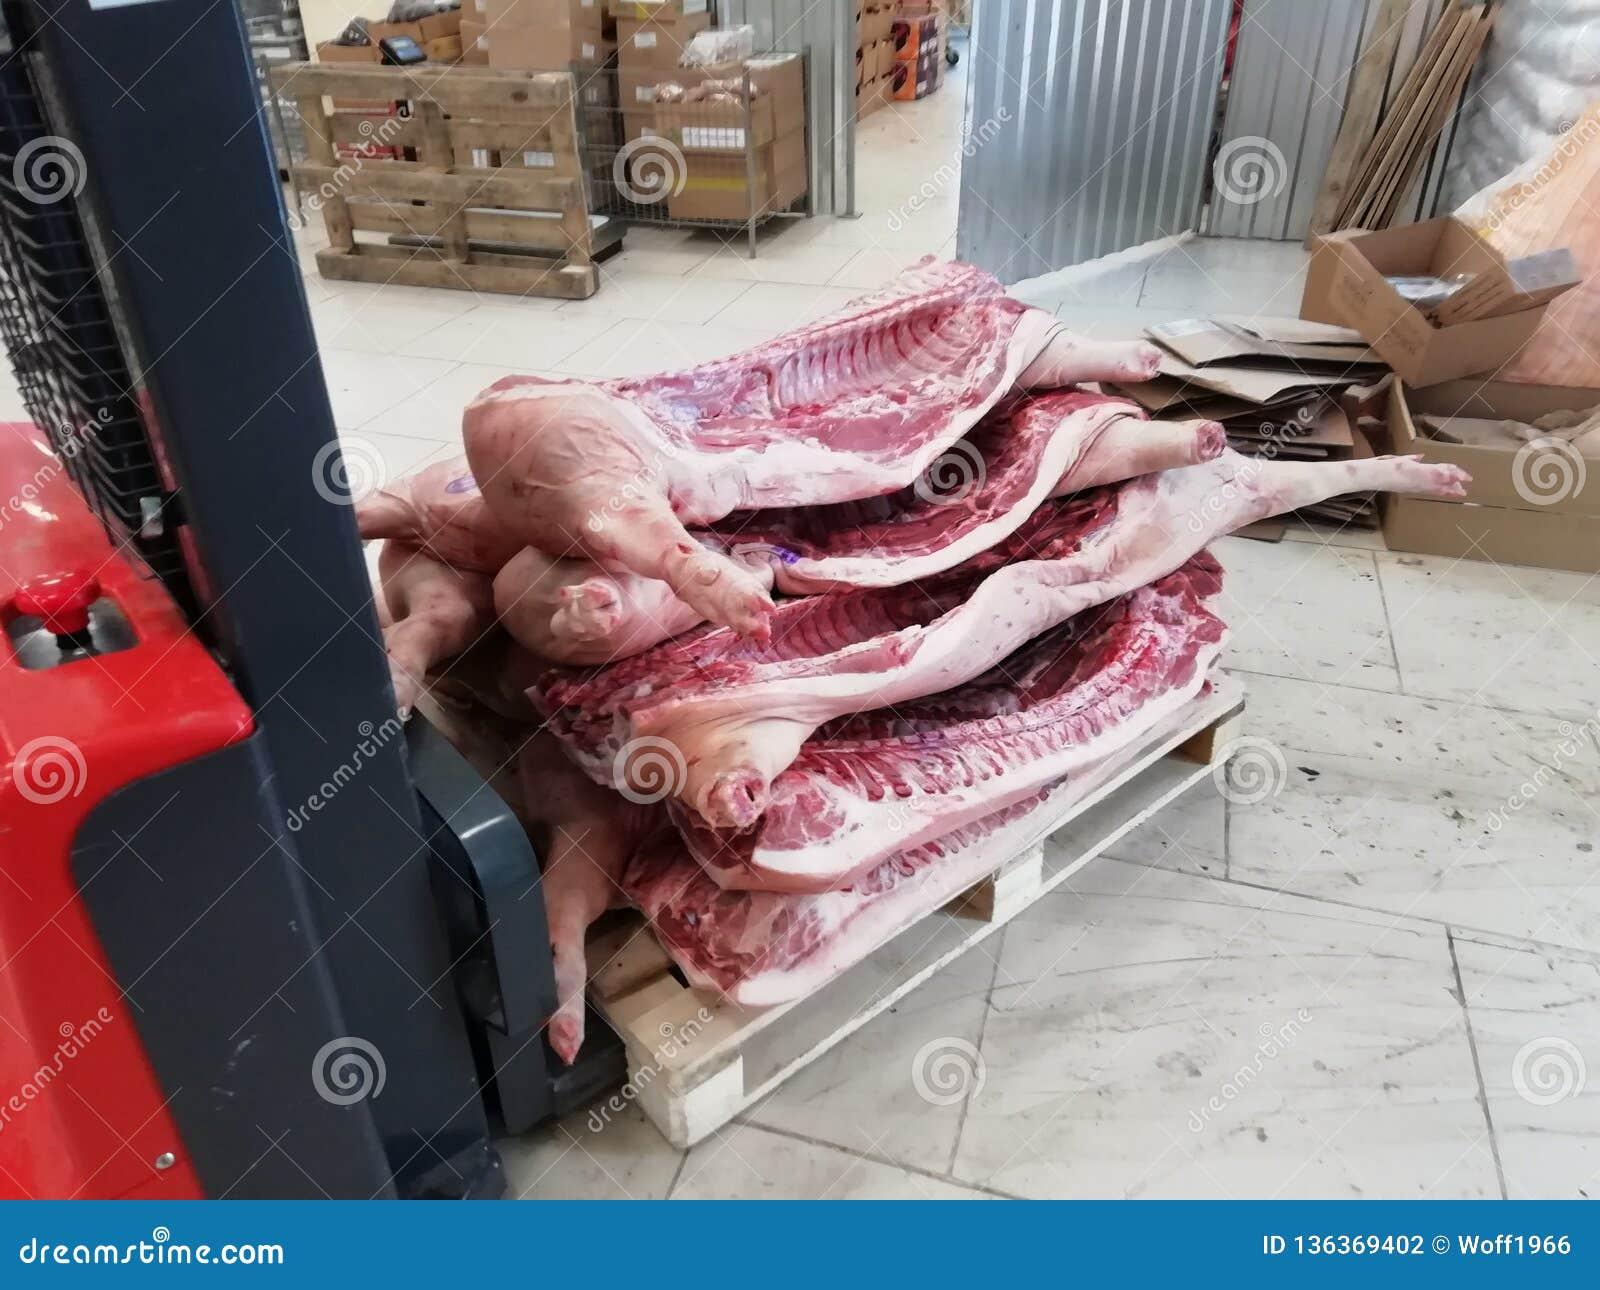 Varkensvleeskarkassen in voorraad worden vervoerd die vervoerder